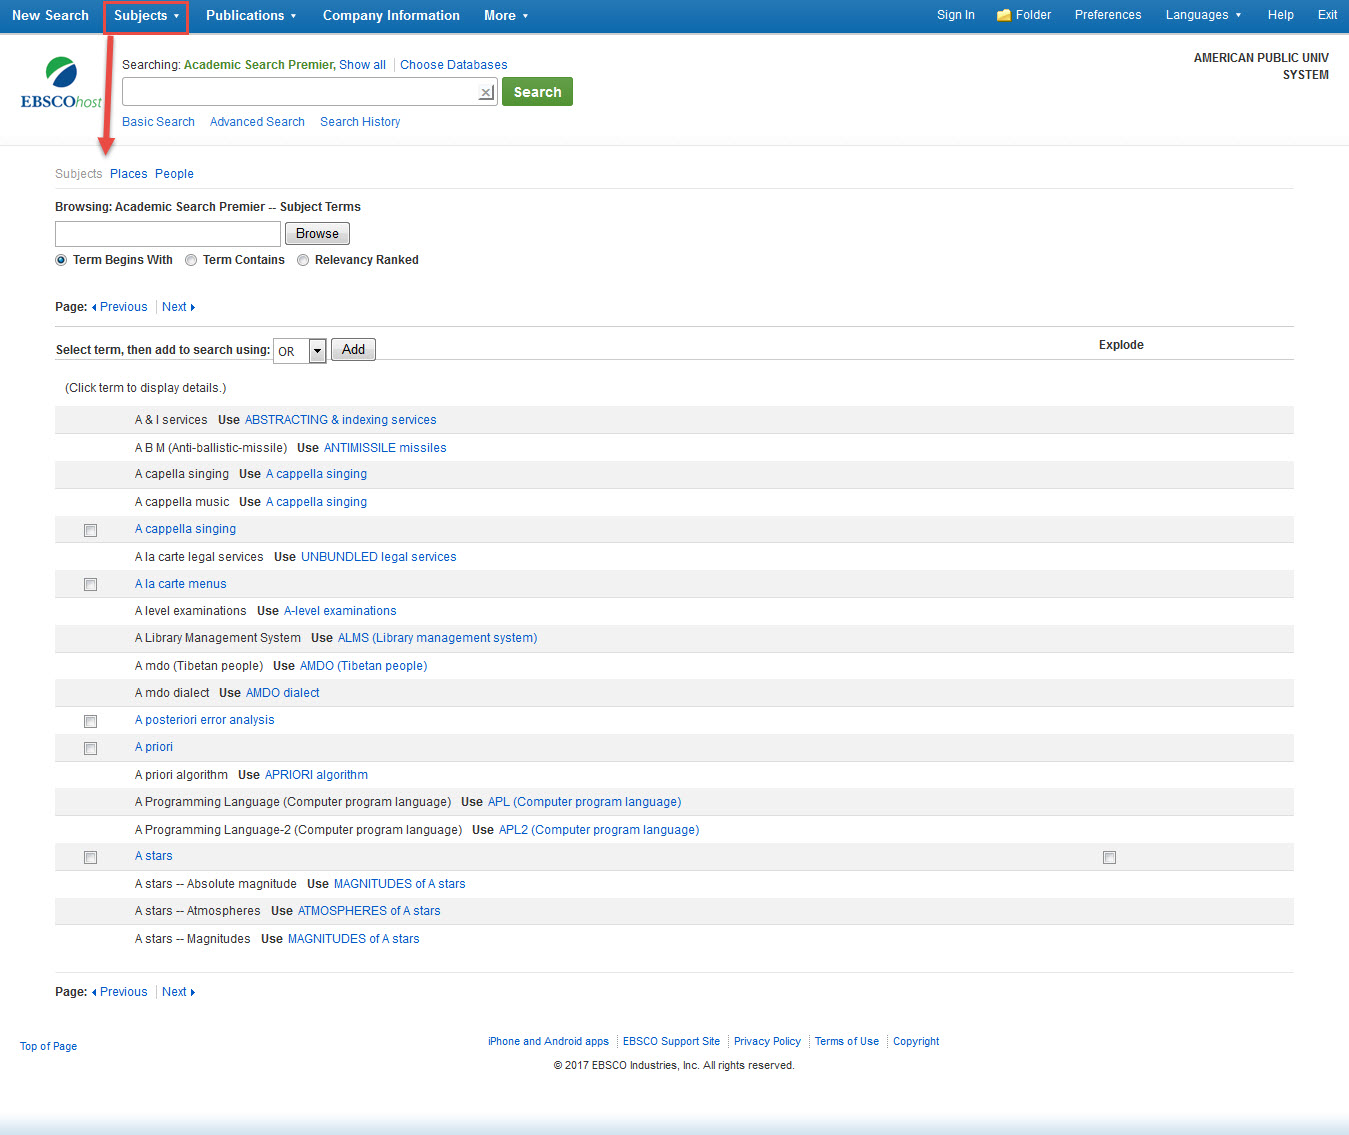 Subject headings in an EBSCO database